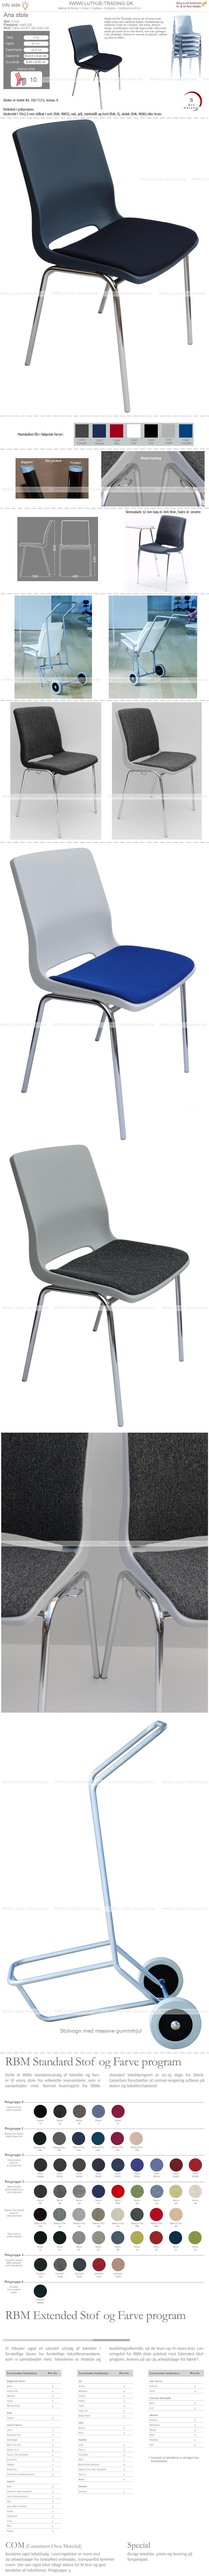 Ana stol med krom stel, mørkblå plastskal og Fame stof mørkblå nr. 60061. Der er 5 års garanti på Ana stole.